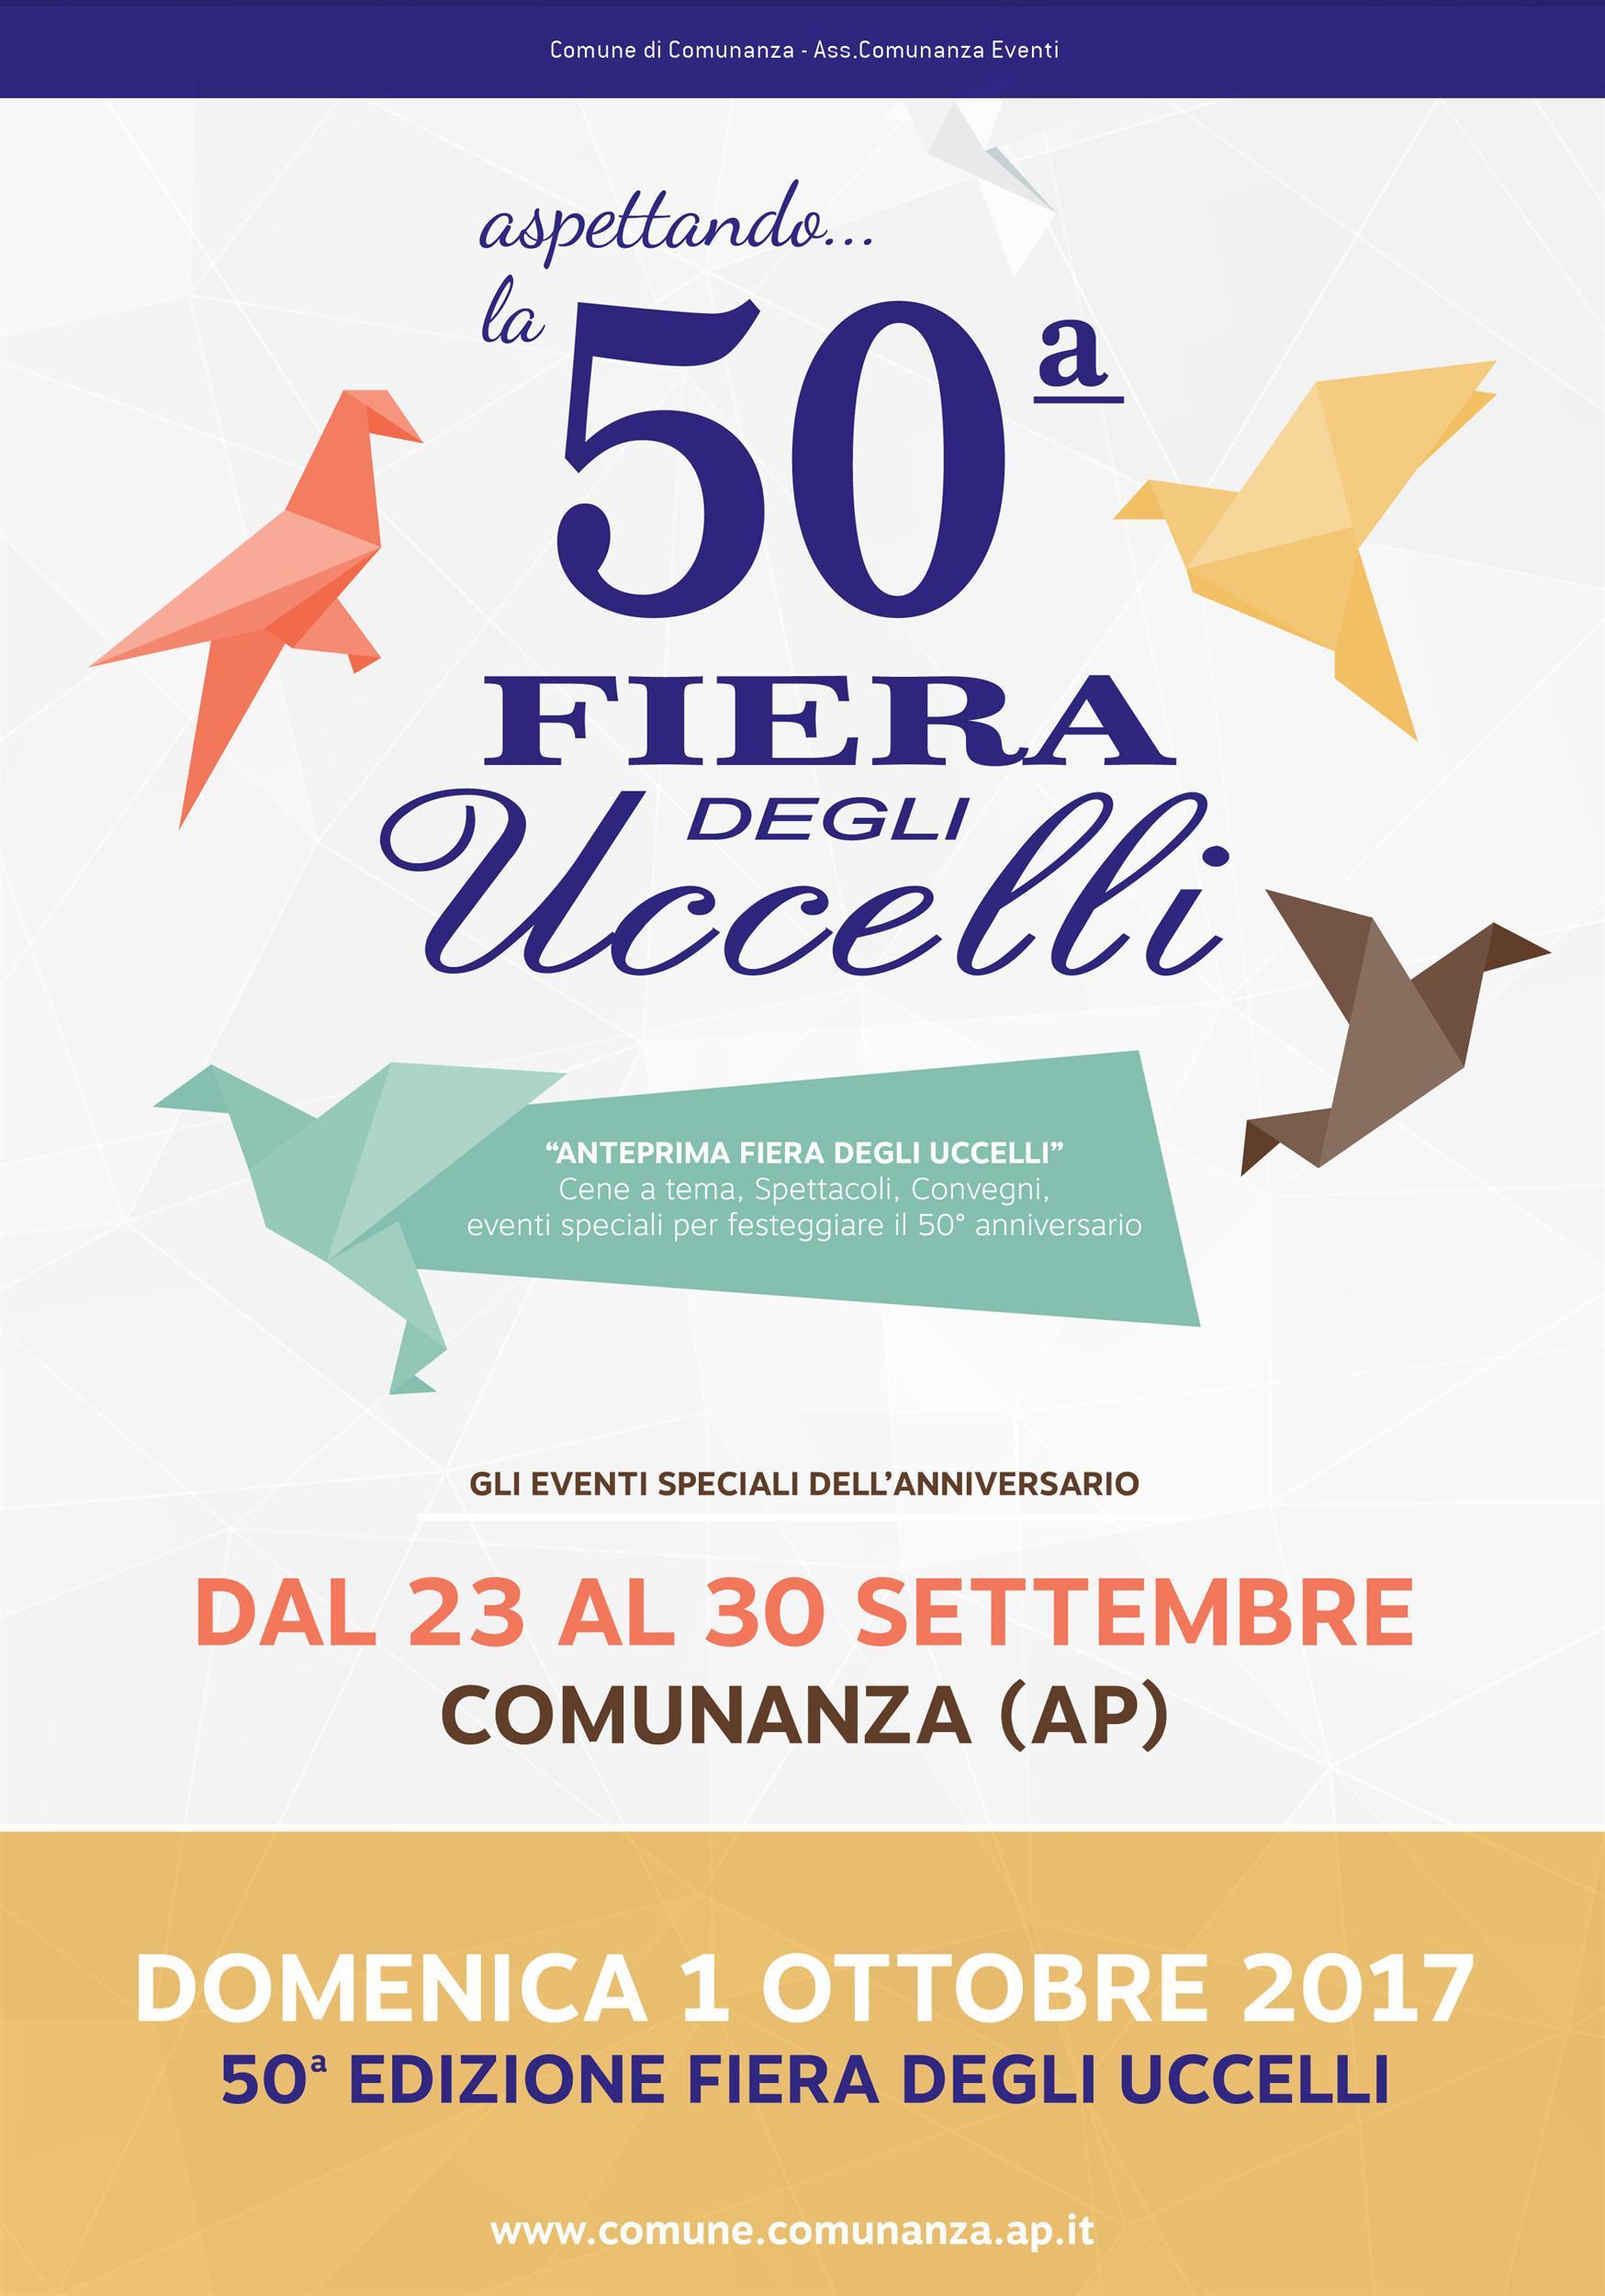 50° edizione Fiera degli Uccelli - Comunanza